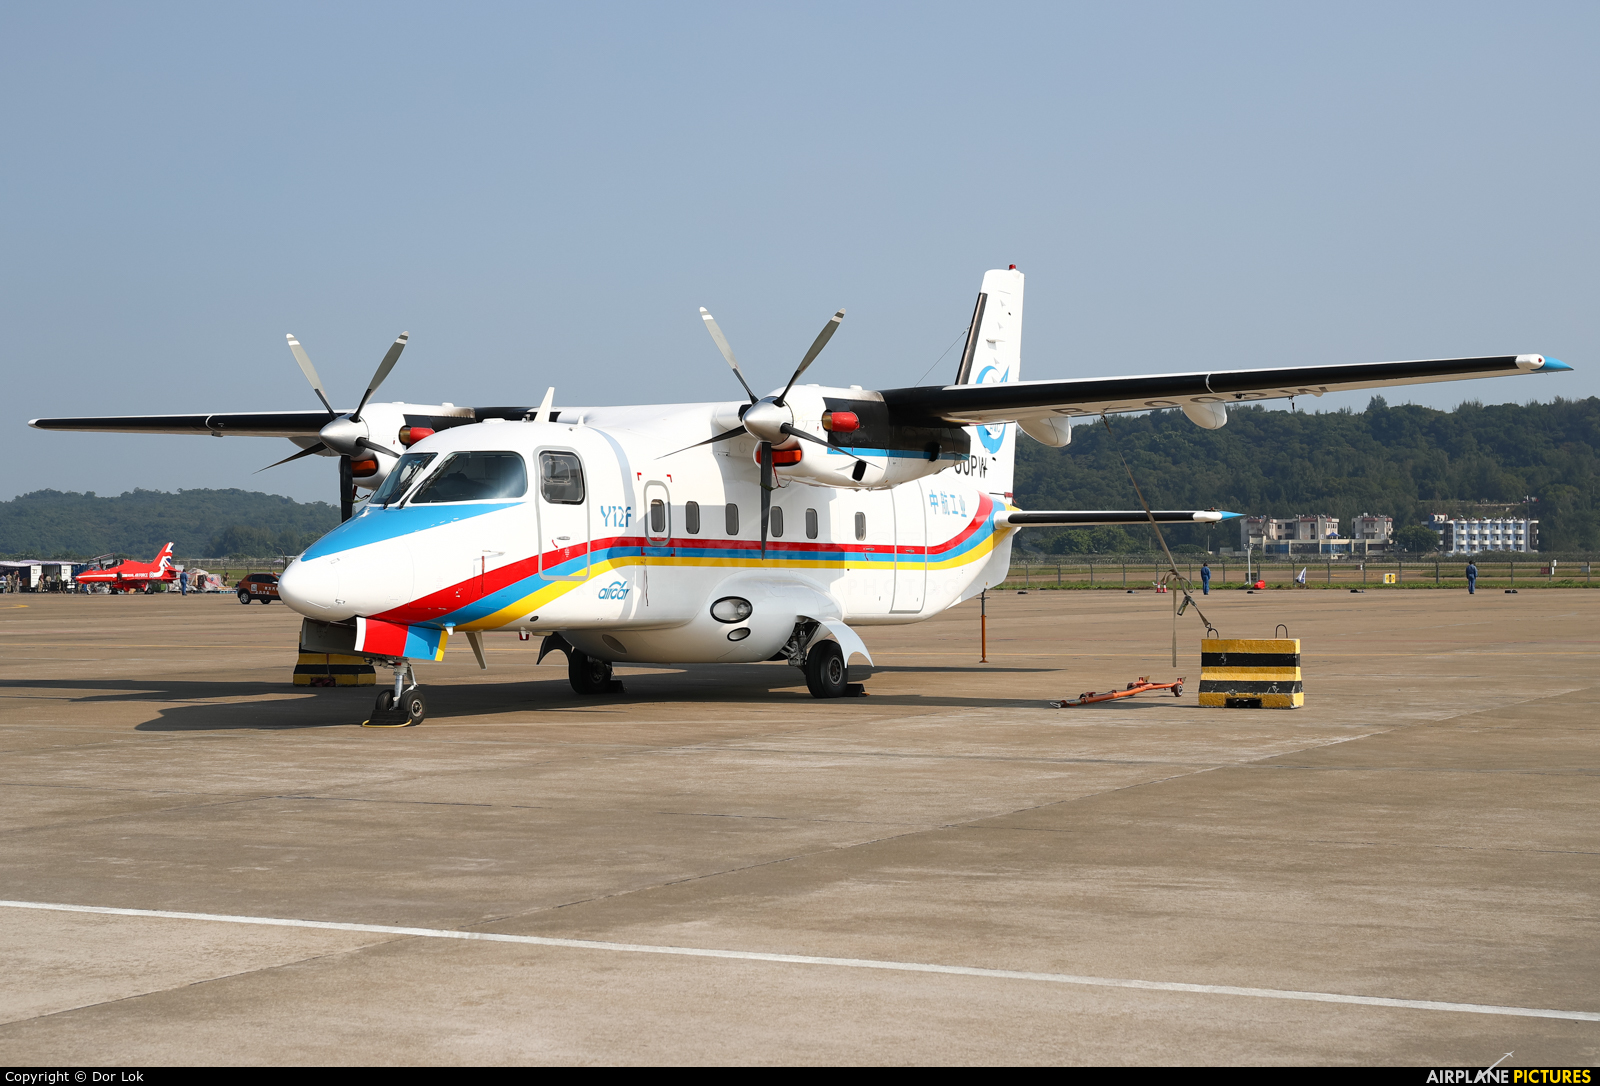 AVIC - China Aviation B-00PW aircraft at Zhūhǎi-Jīnwān